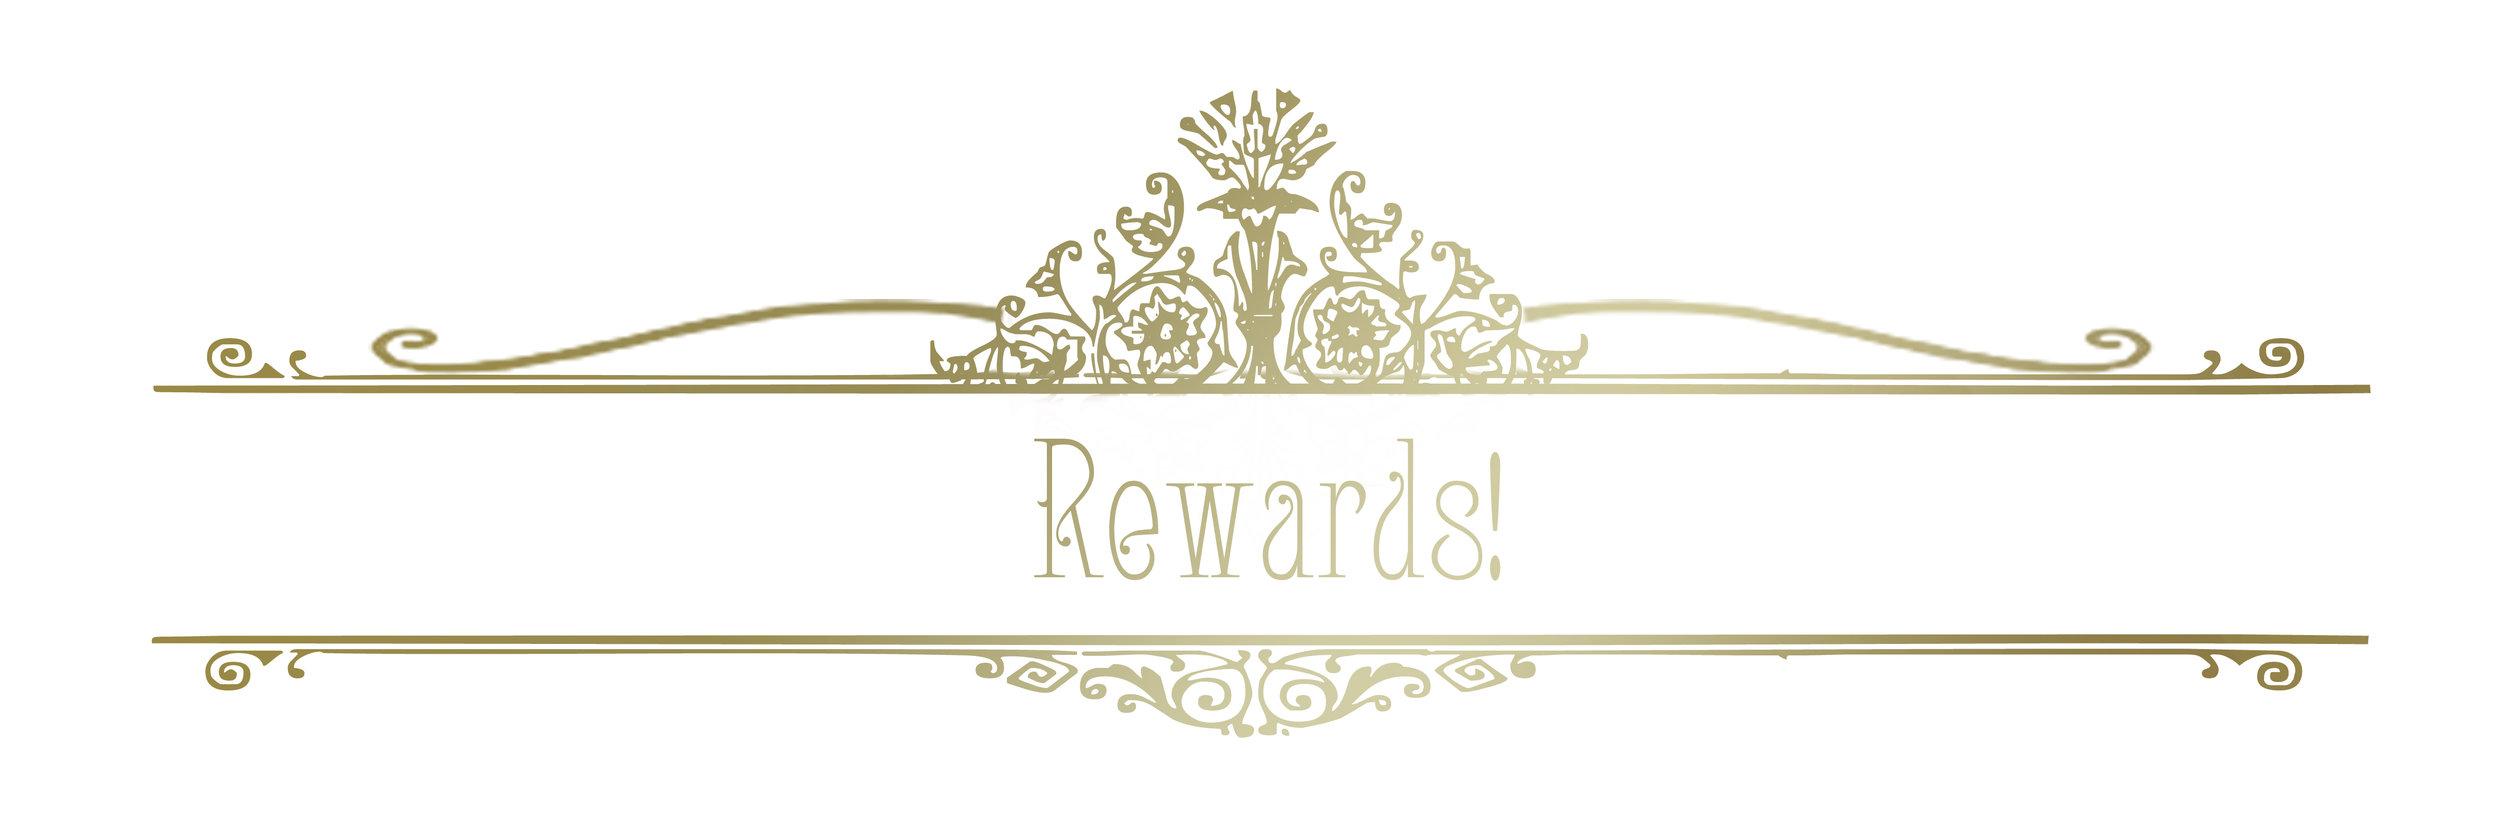 Banner - Rewards.jpg